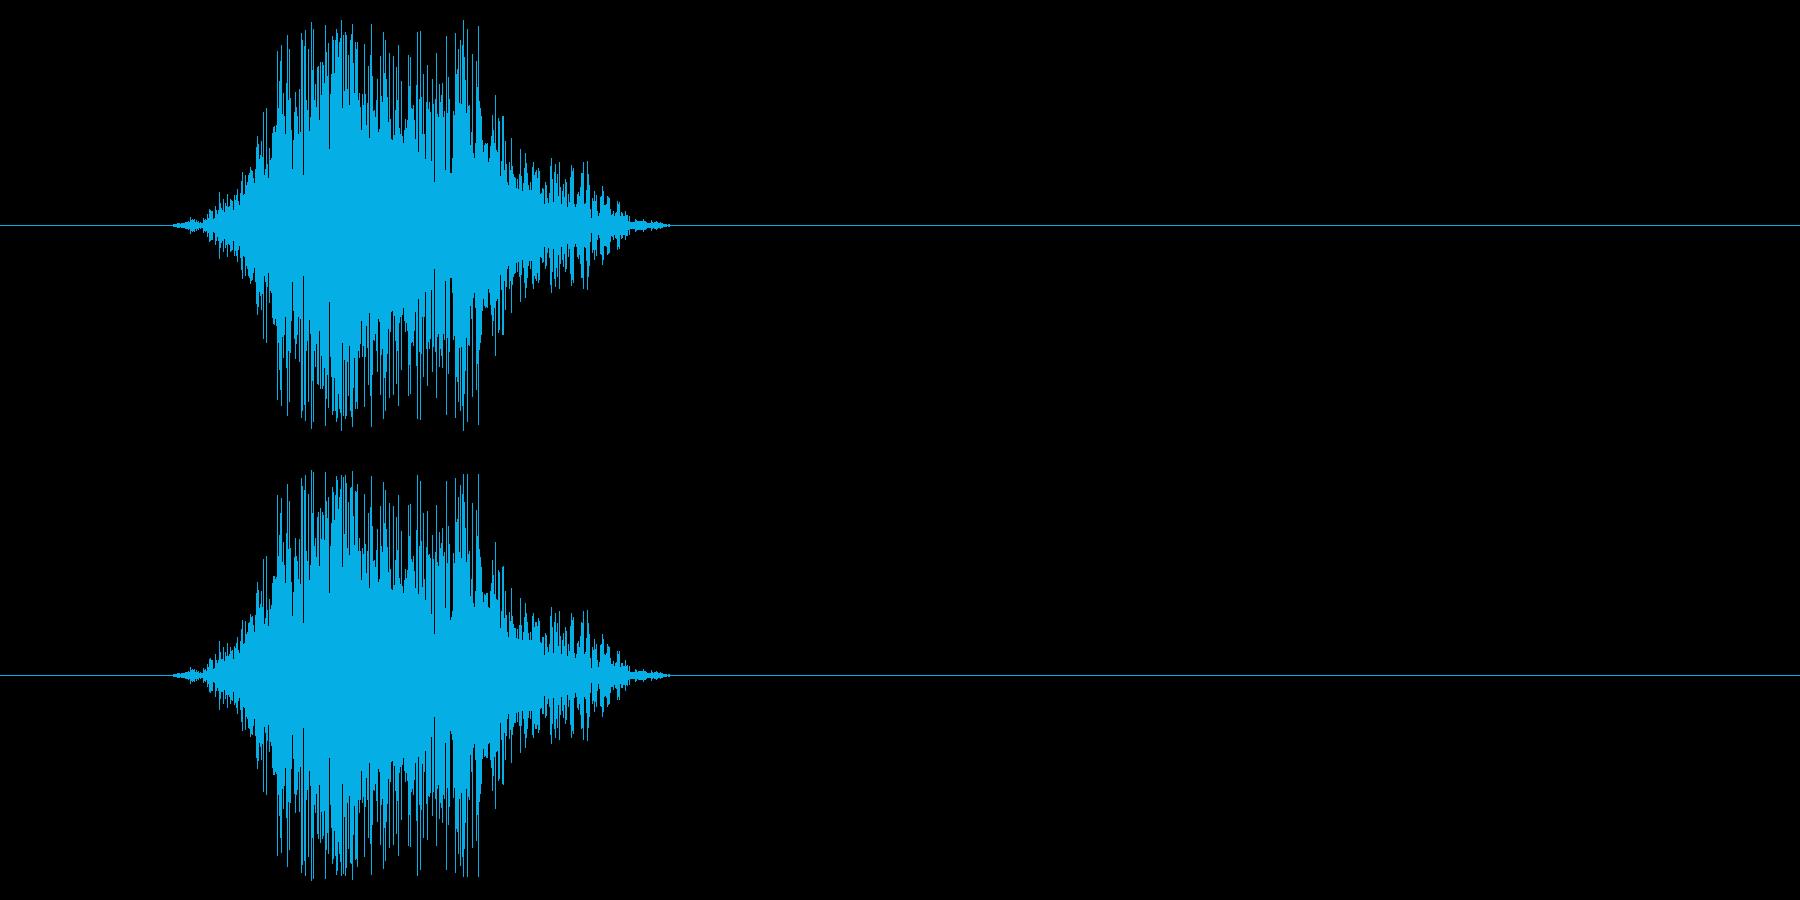 ヒーロー動作(m0289)の再生済みの波形